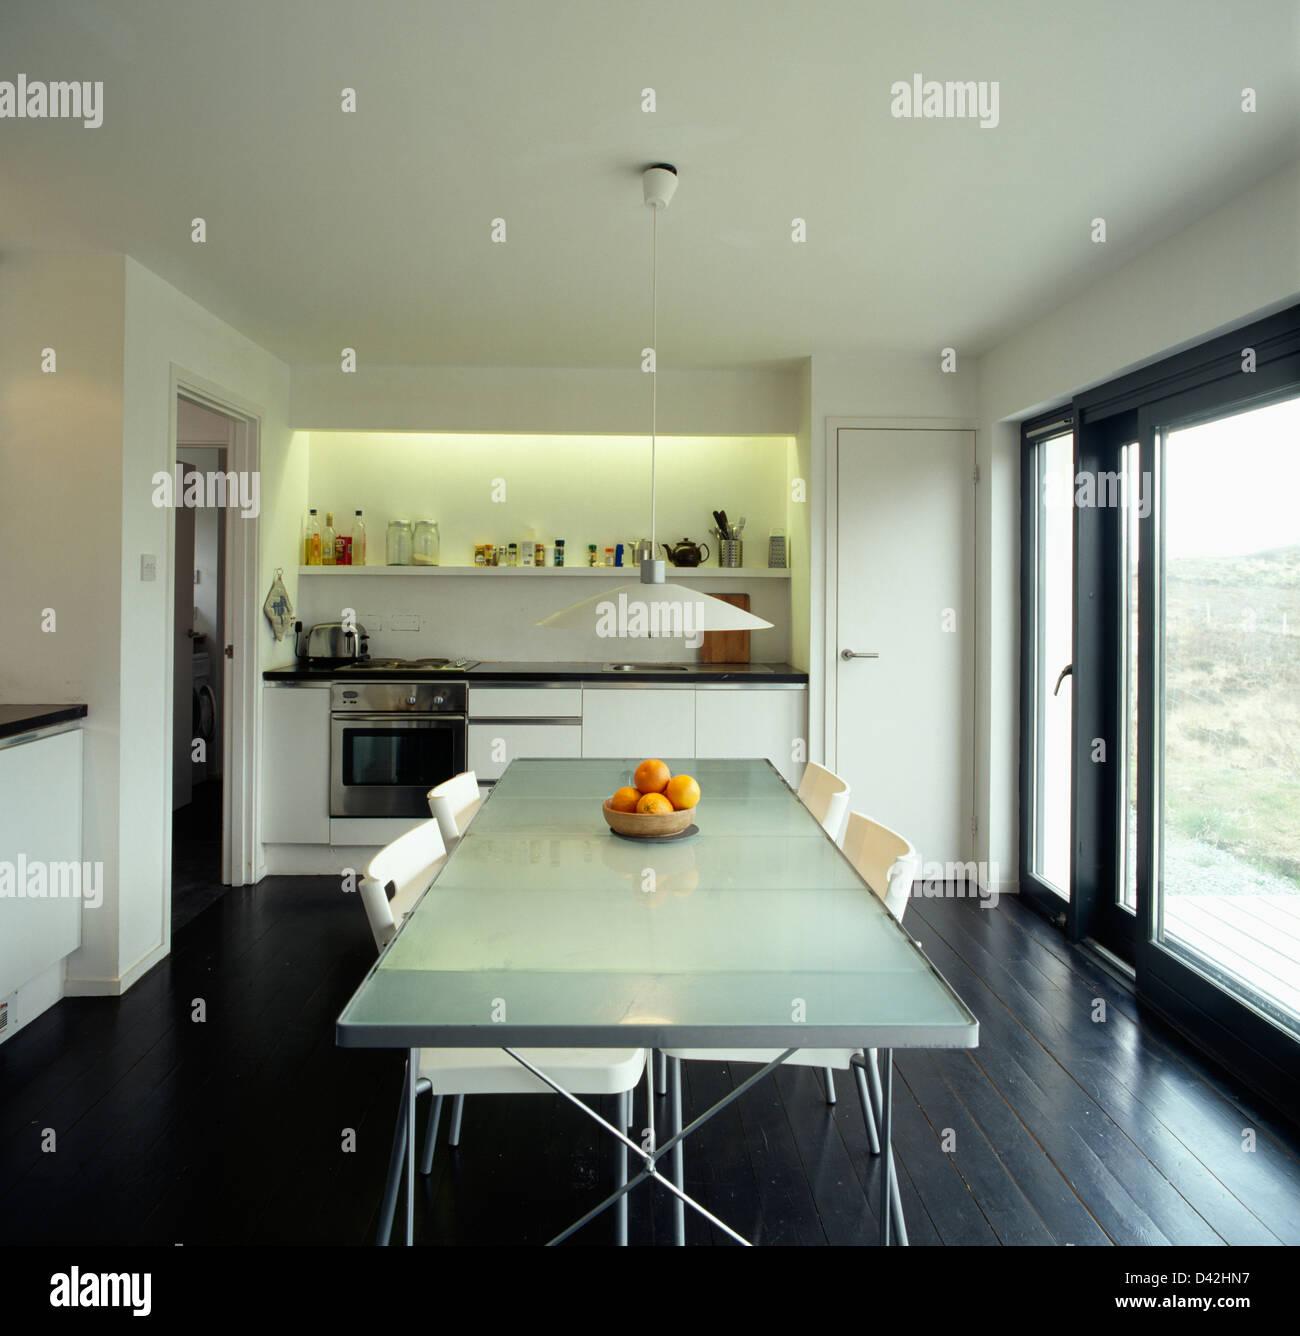 Cadeiras Brancas Na Mesa Com Tampo De Vidro Opaco Na Cozinha Moderna